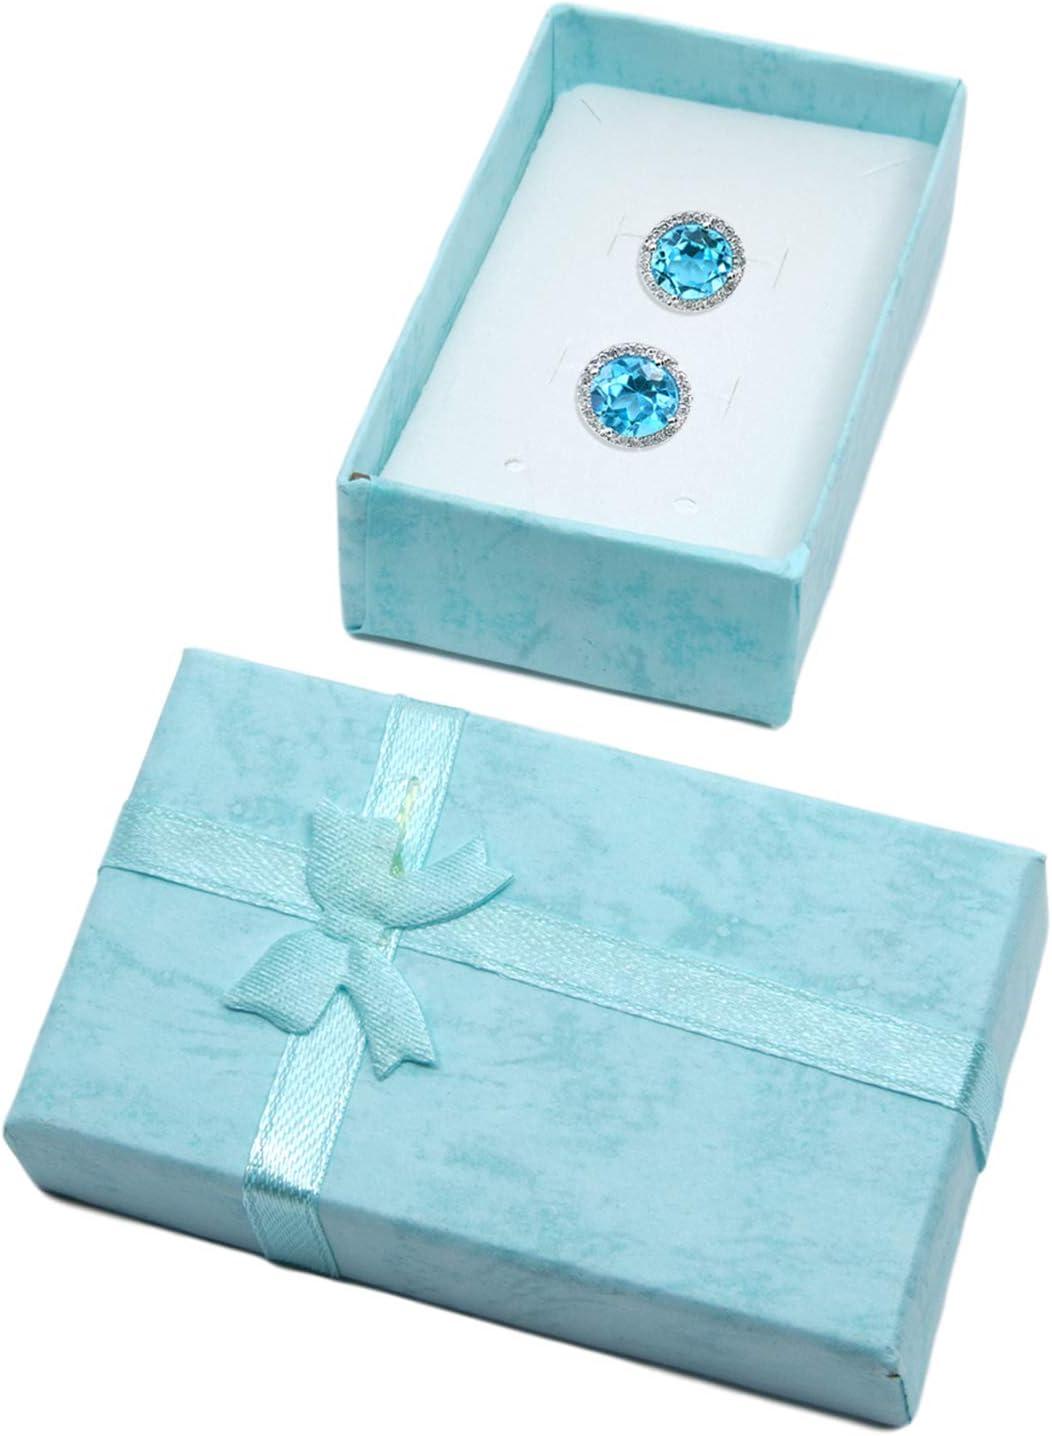 Lot de 24 bo/îtes /à bijoux en carton avec n/œud en ruban pour bagues ou bagues en argent 4,3 x 4,3 cm